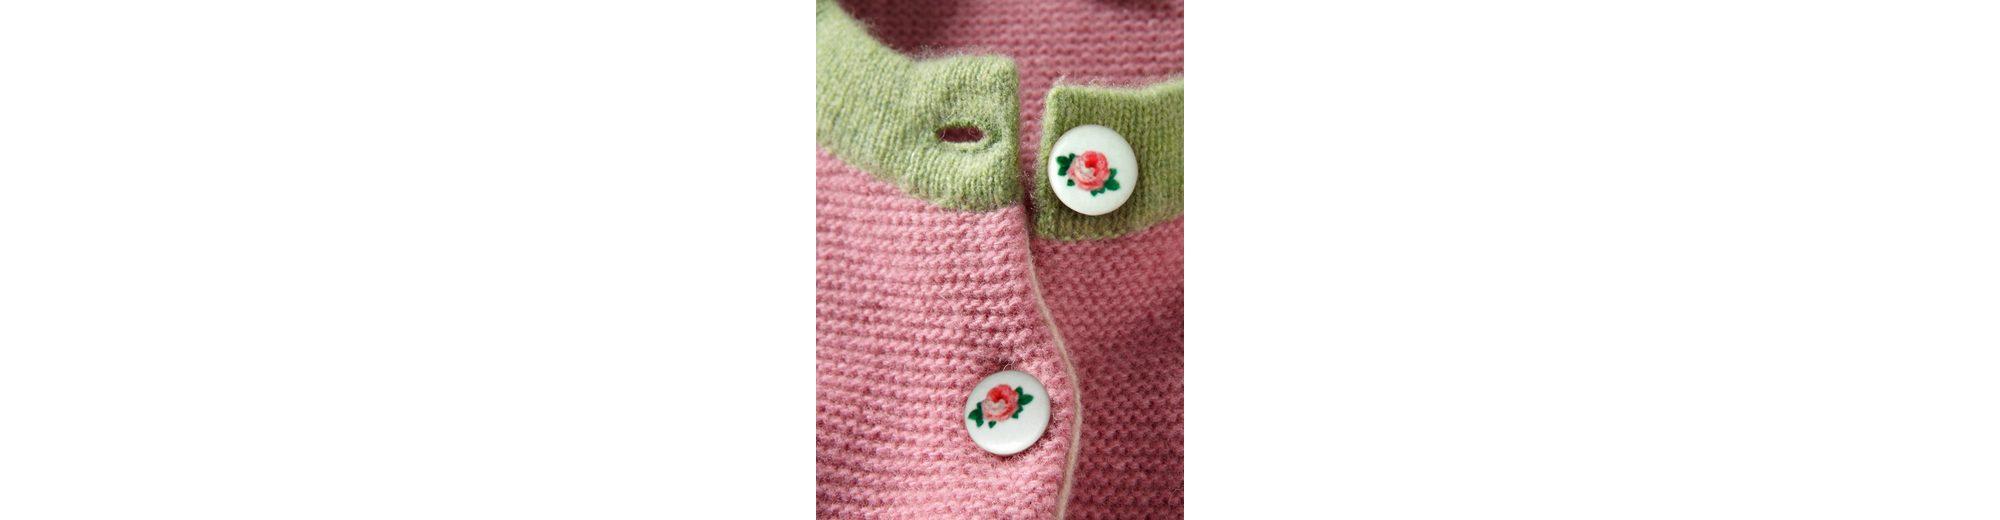 Einkaufen Outlet Online Reitmayer Trachtencardigan mit Knopfverschluss Steckdose Modische Billig Freies Verschiffen Original 3u7llqBR